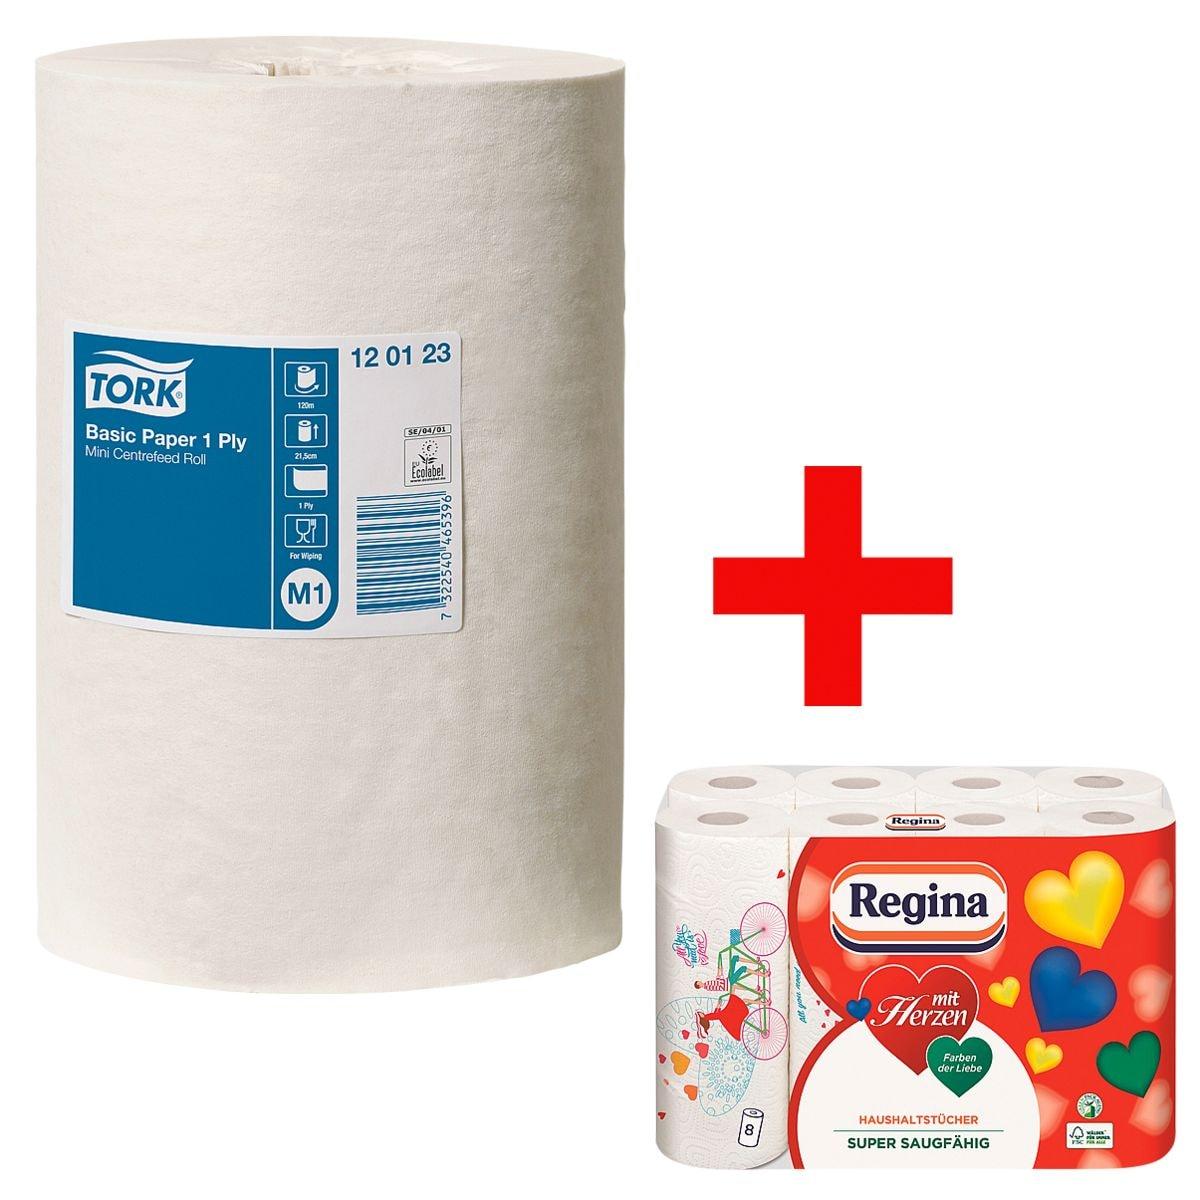 11 bobines d'essuie-mains papier blanc épaisseur simple (blanc, non perforé, 21,5 cm x 120 m) avec rouleaux d'essuie-tout